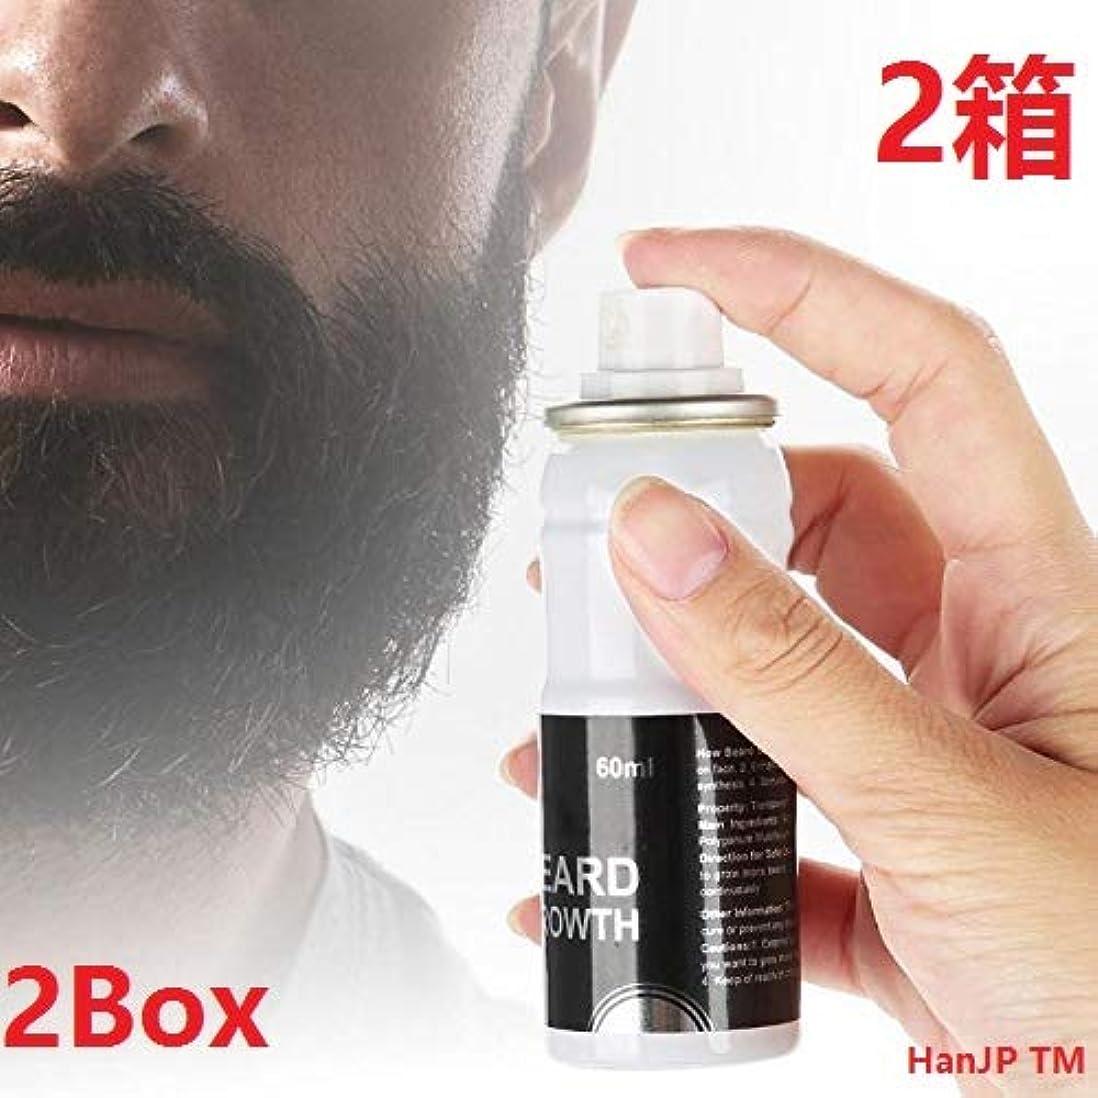 ハブ優れました牛(2箱) 男性ひげの成長スプレー自然な成長刺激物ひげの成長オイル顔の毛の成長イカ Men Beard Growth Spray Natural Accelerate Grow Stimulator Beard Growth Oil Facial Hair Growth Lequid (2box)